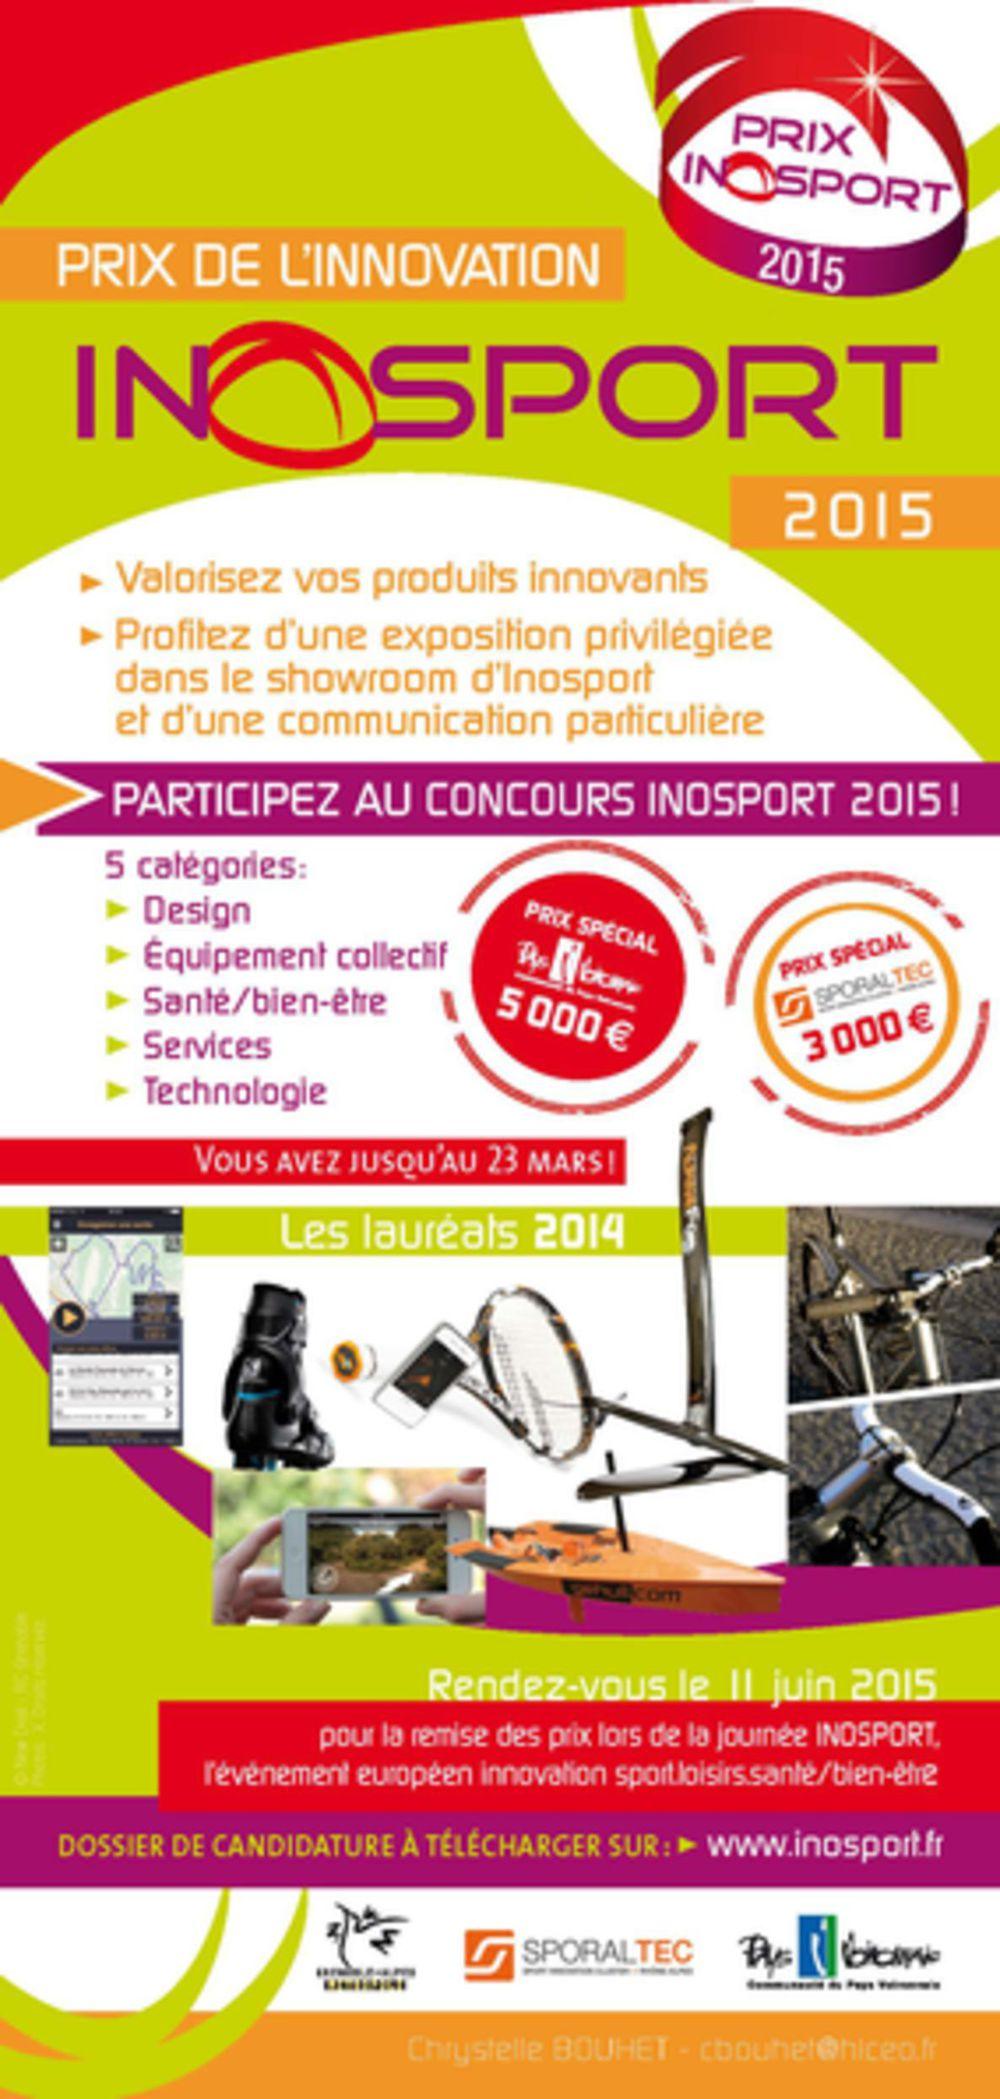 Il est encore temps de participer au concours Inosport 2015